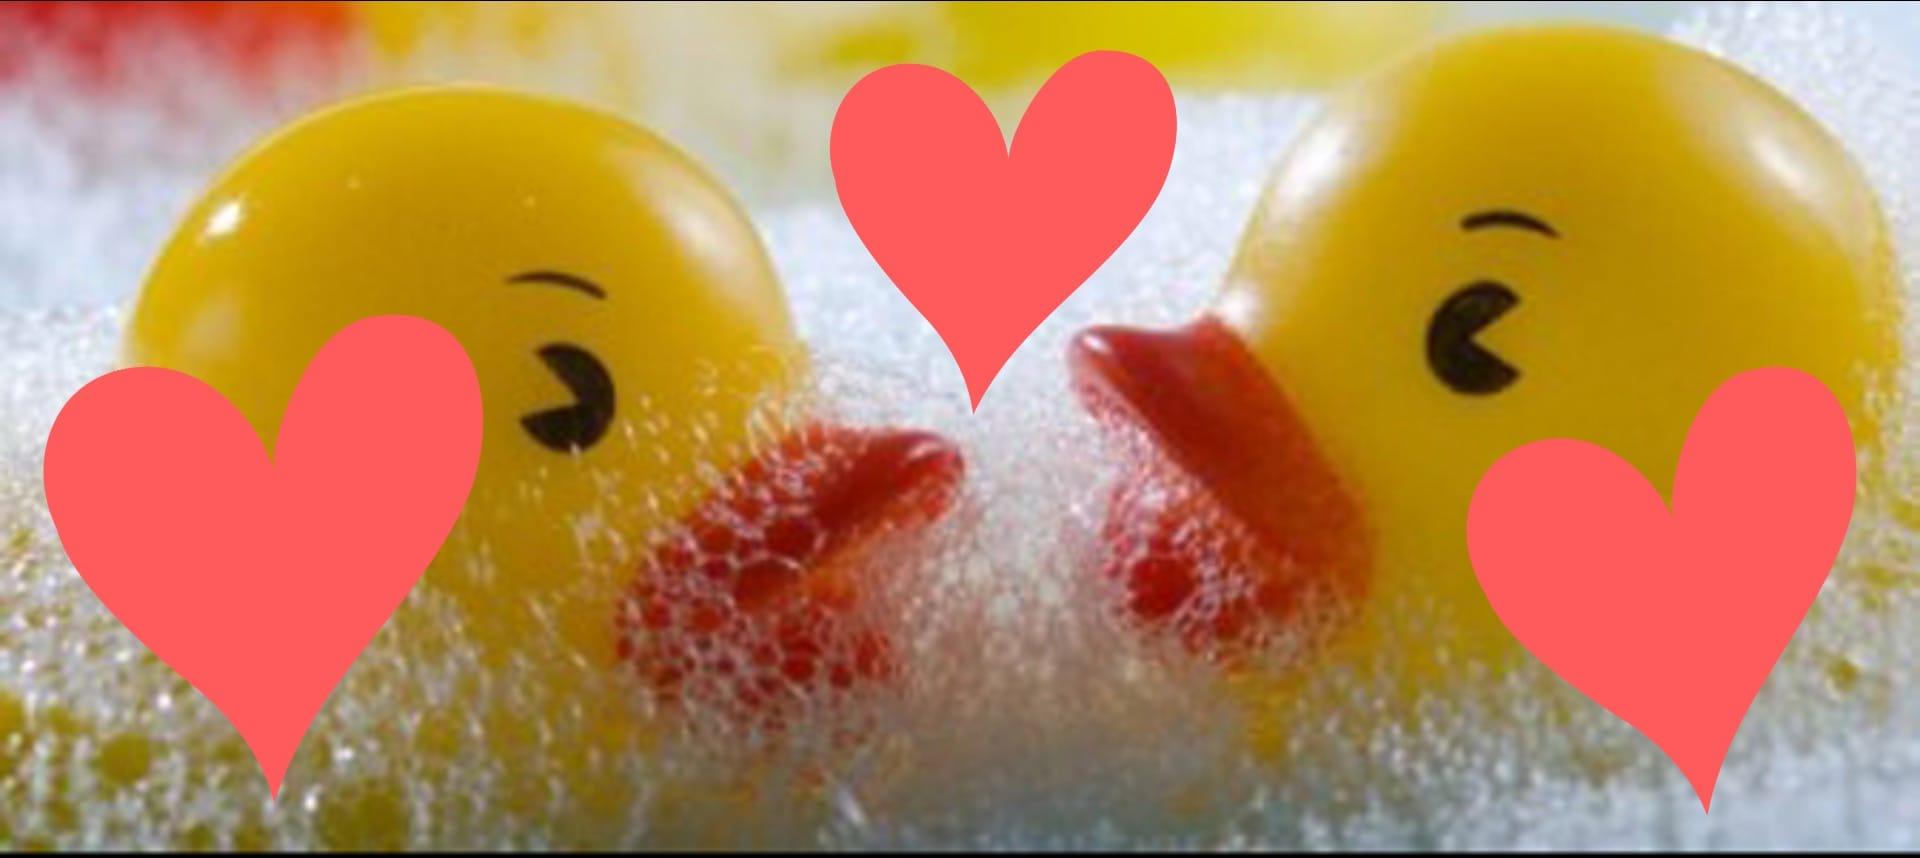 「泡の中でも♡」10/20(10/20) 11:58 | しのぶの写メ・風俗動画